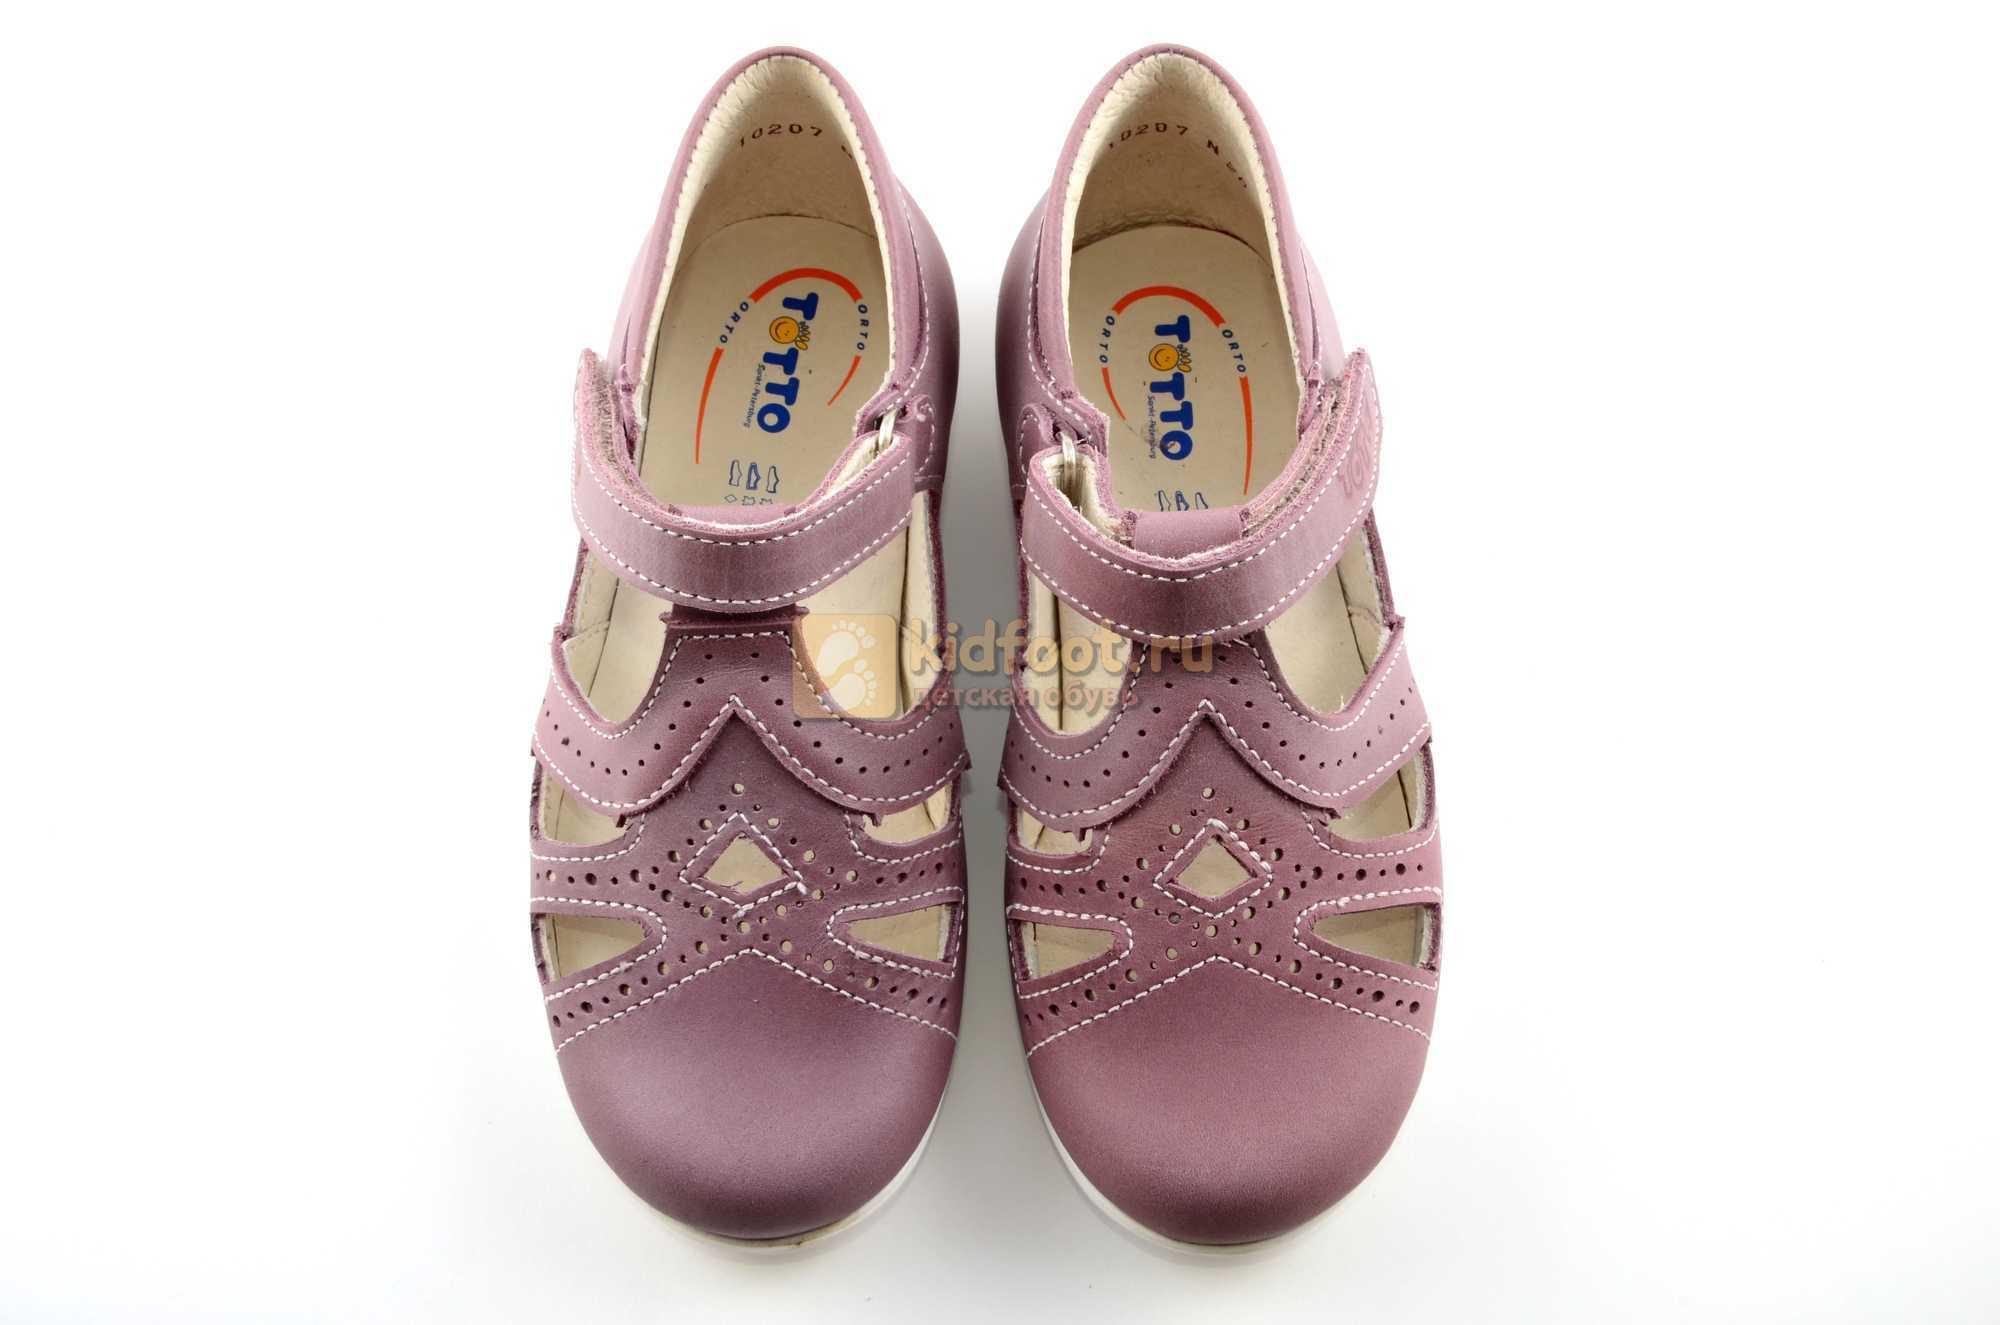 Туфли Тотто из натуральной кожи на липучке для девочек, цвет ирис фиолетовый